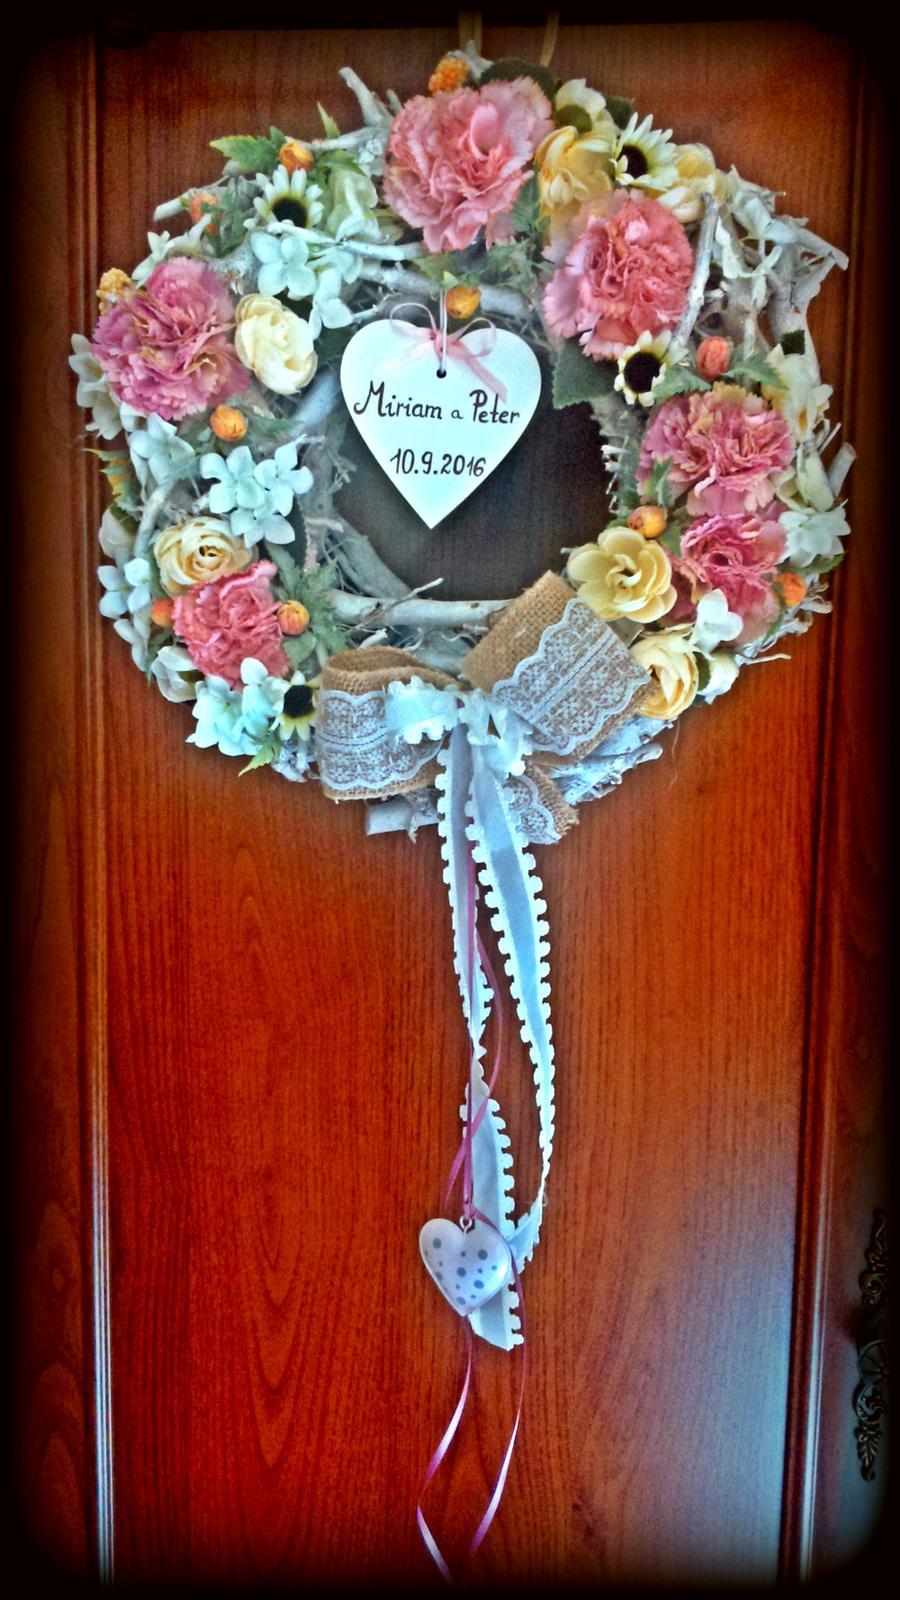 Naša malá letecká svadba ✈✈✈ <3 - Svadobný venček na dvere určite nesmie chýbať